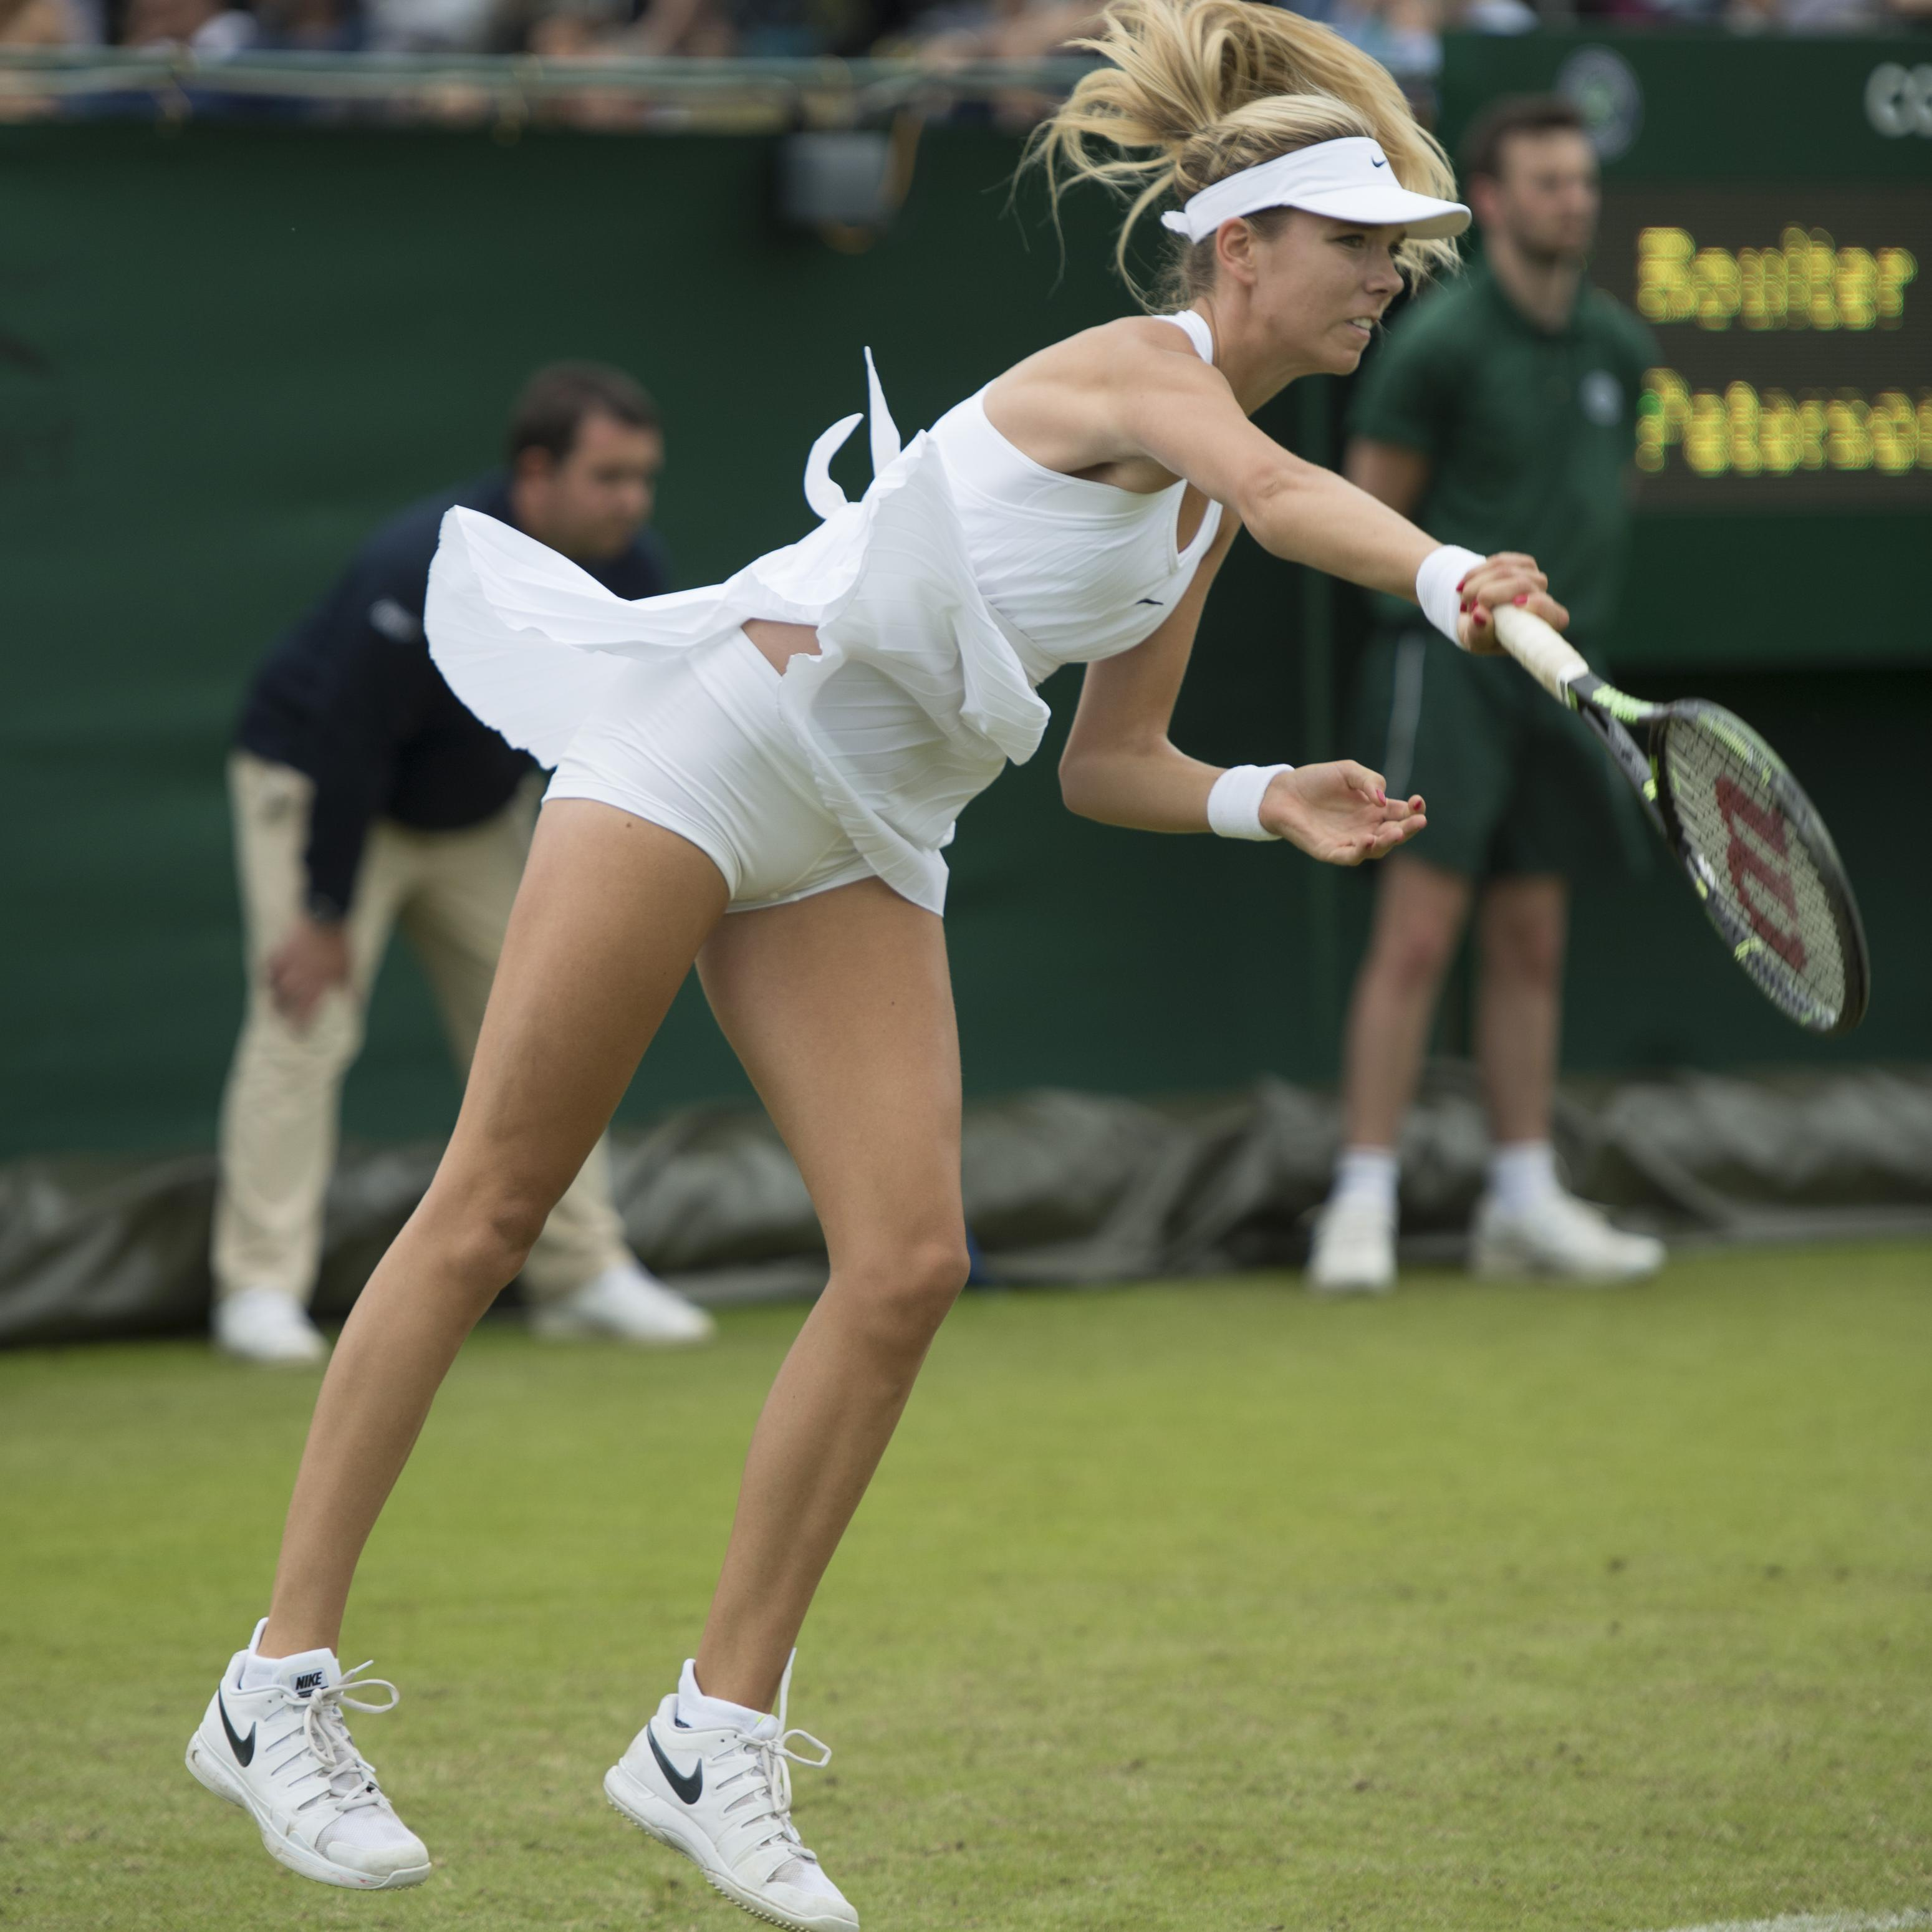 tenis.jpg